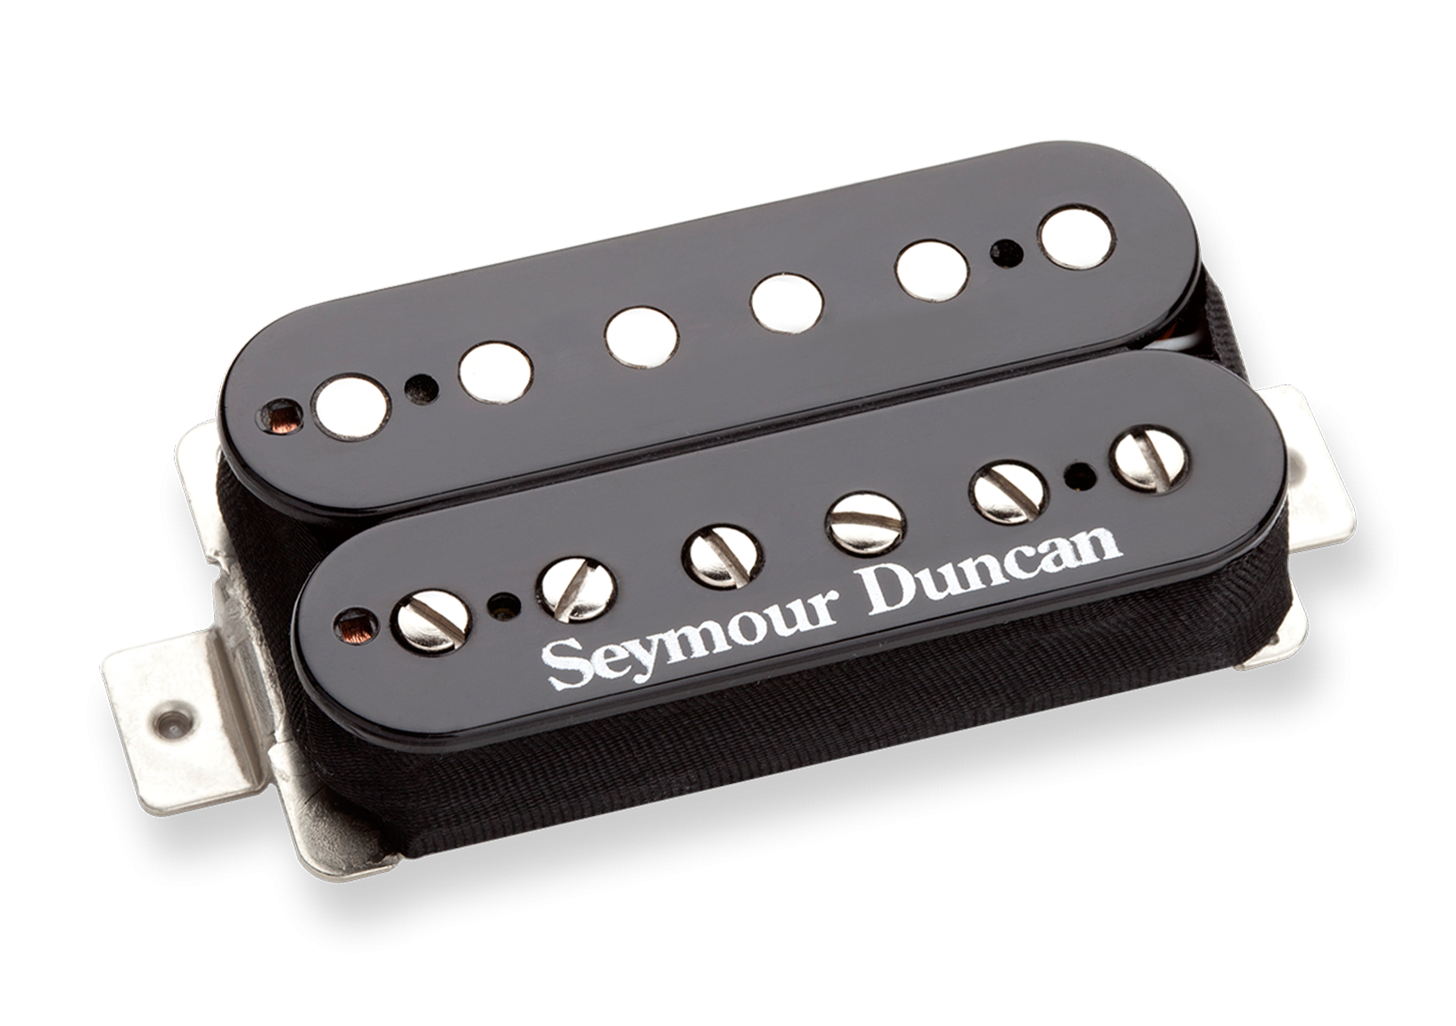 Seymour Duncan Custom 5 Humbucker (SH-14)